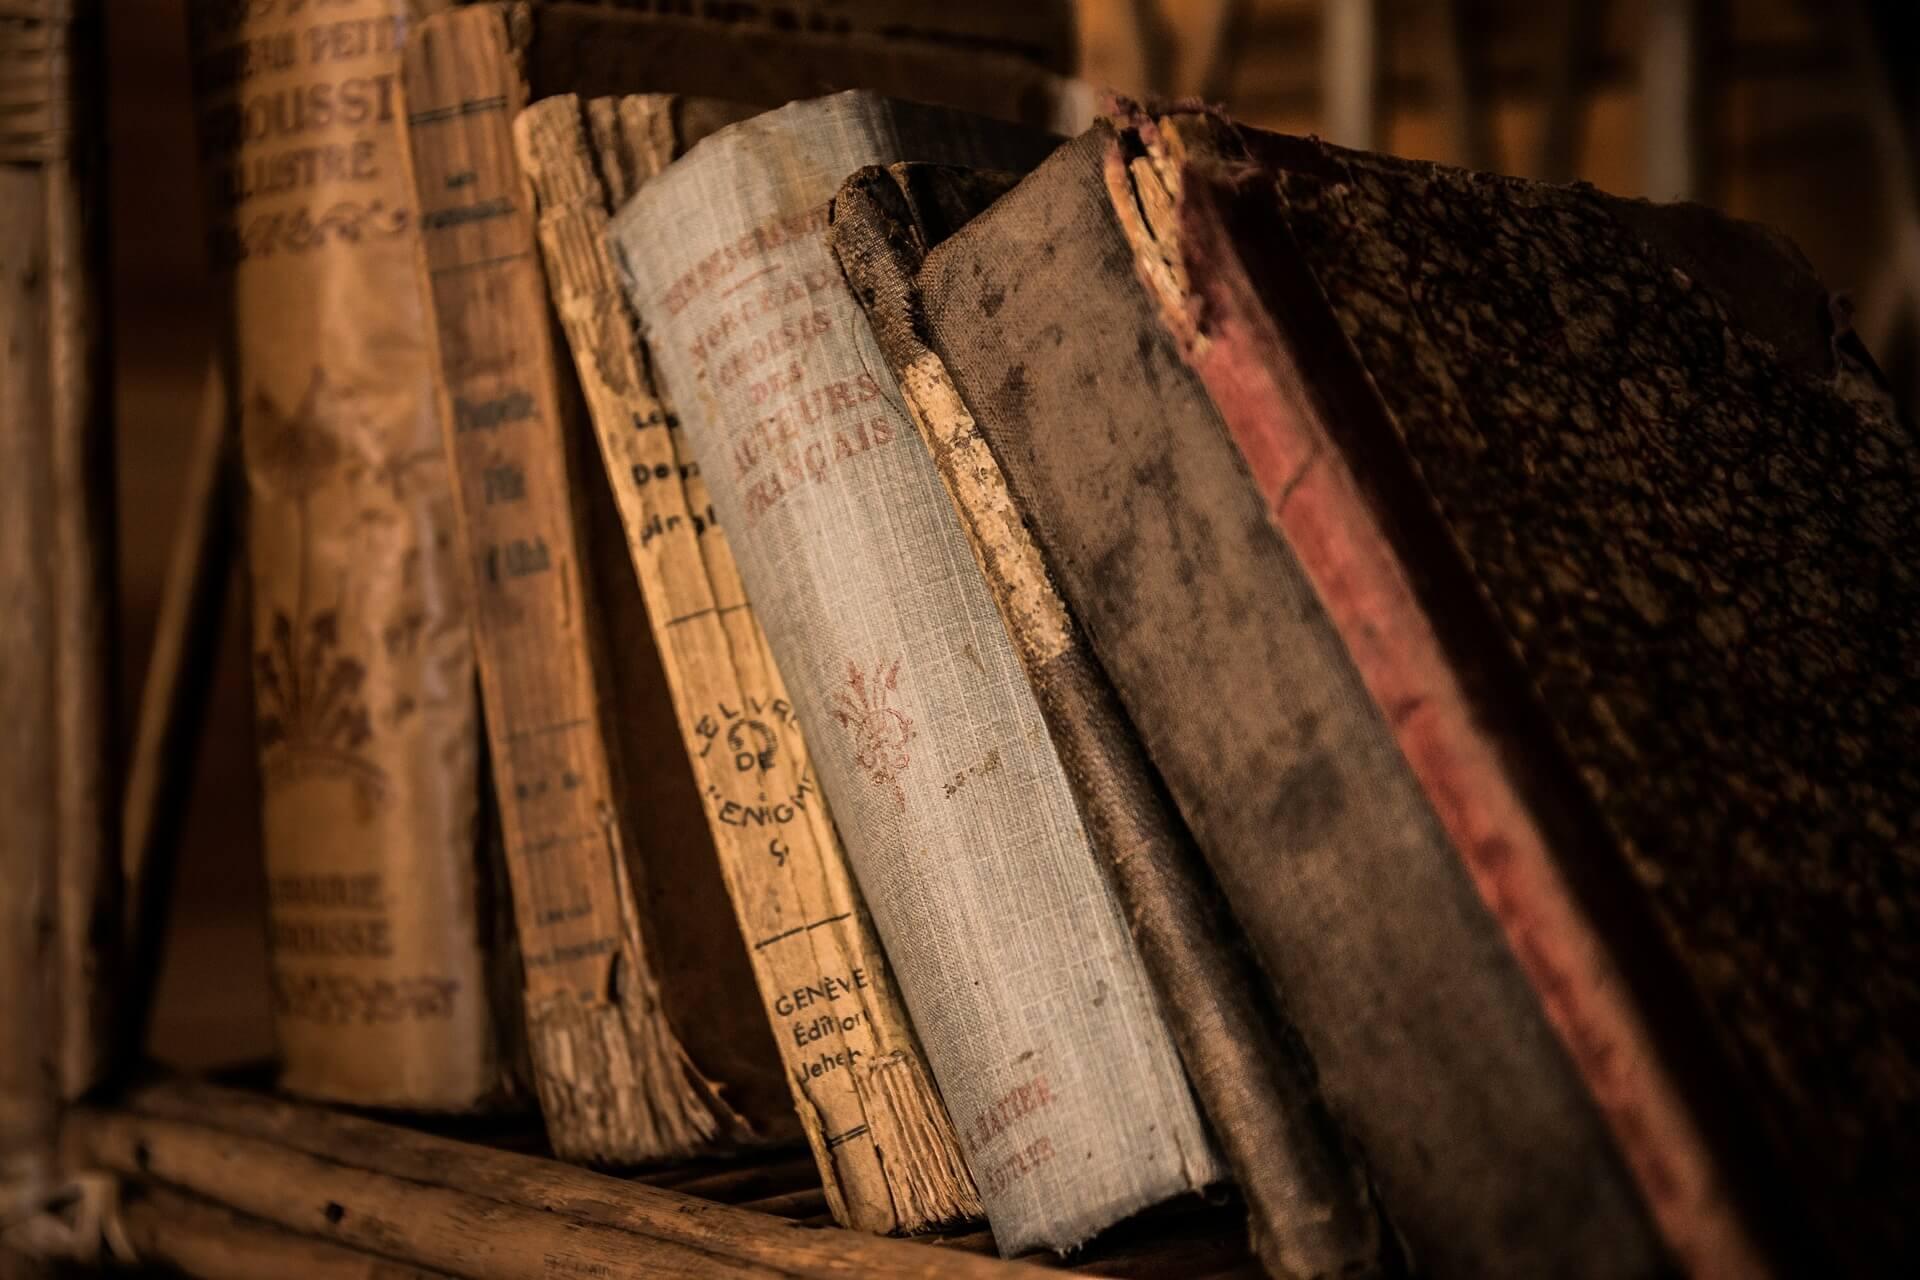 Alte Bücher lehnen in einem Bücherregal schräg übereinander